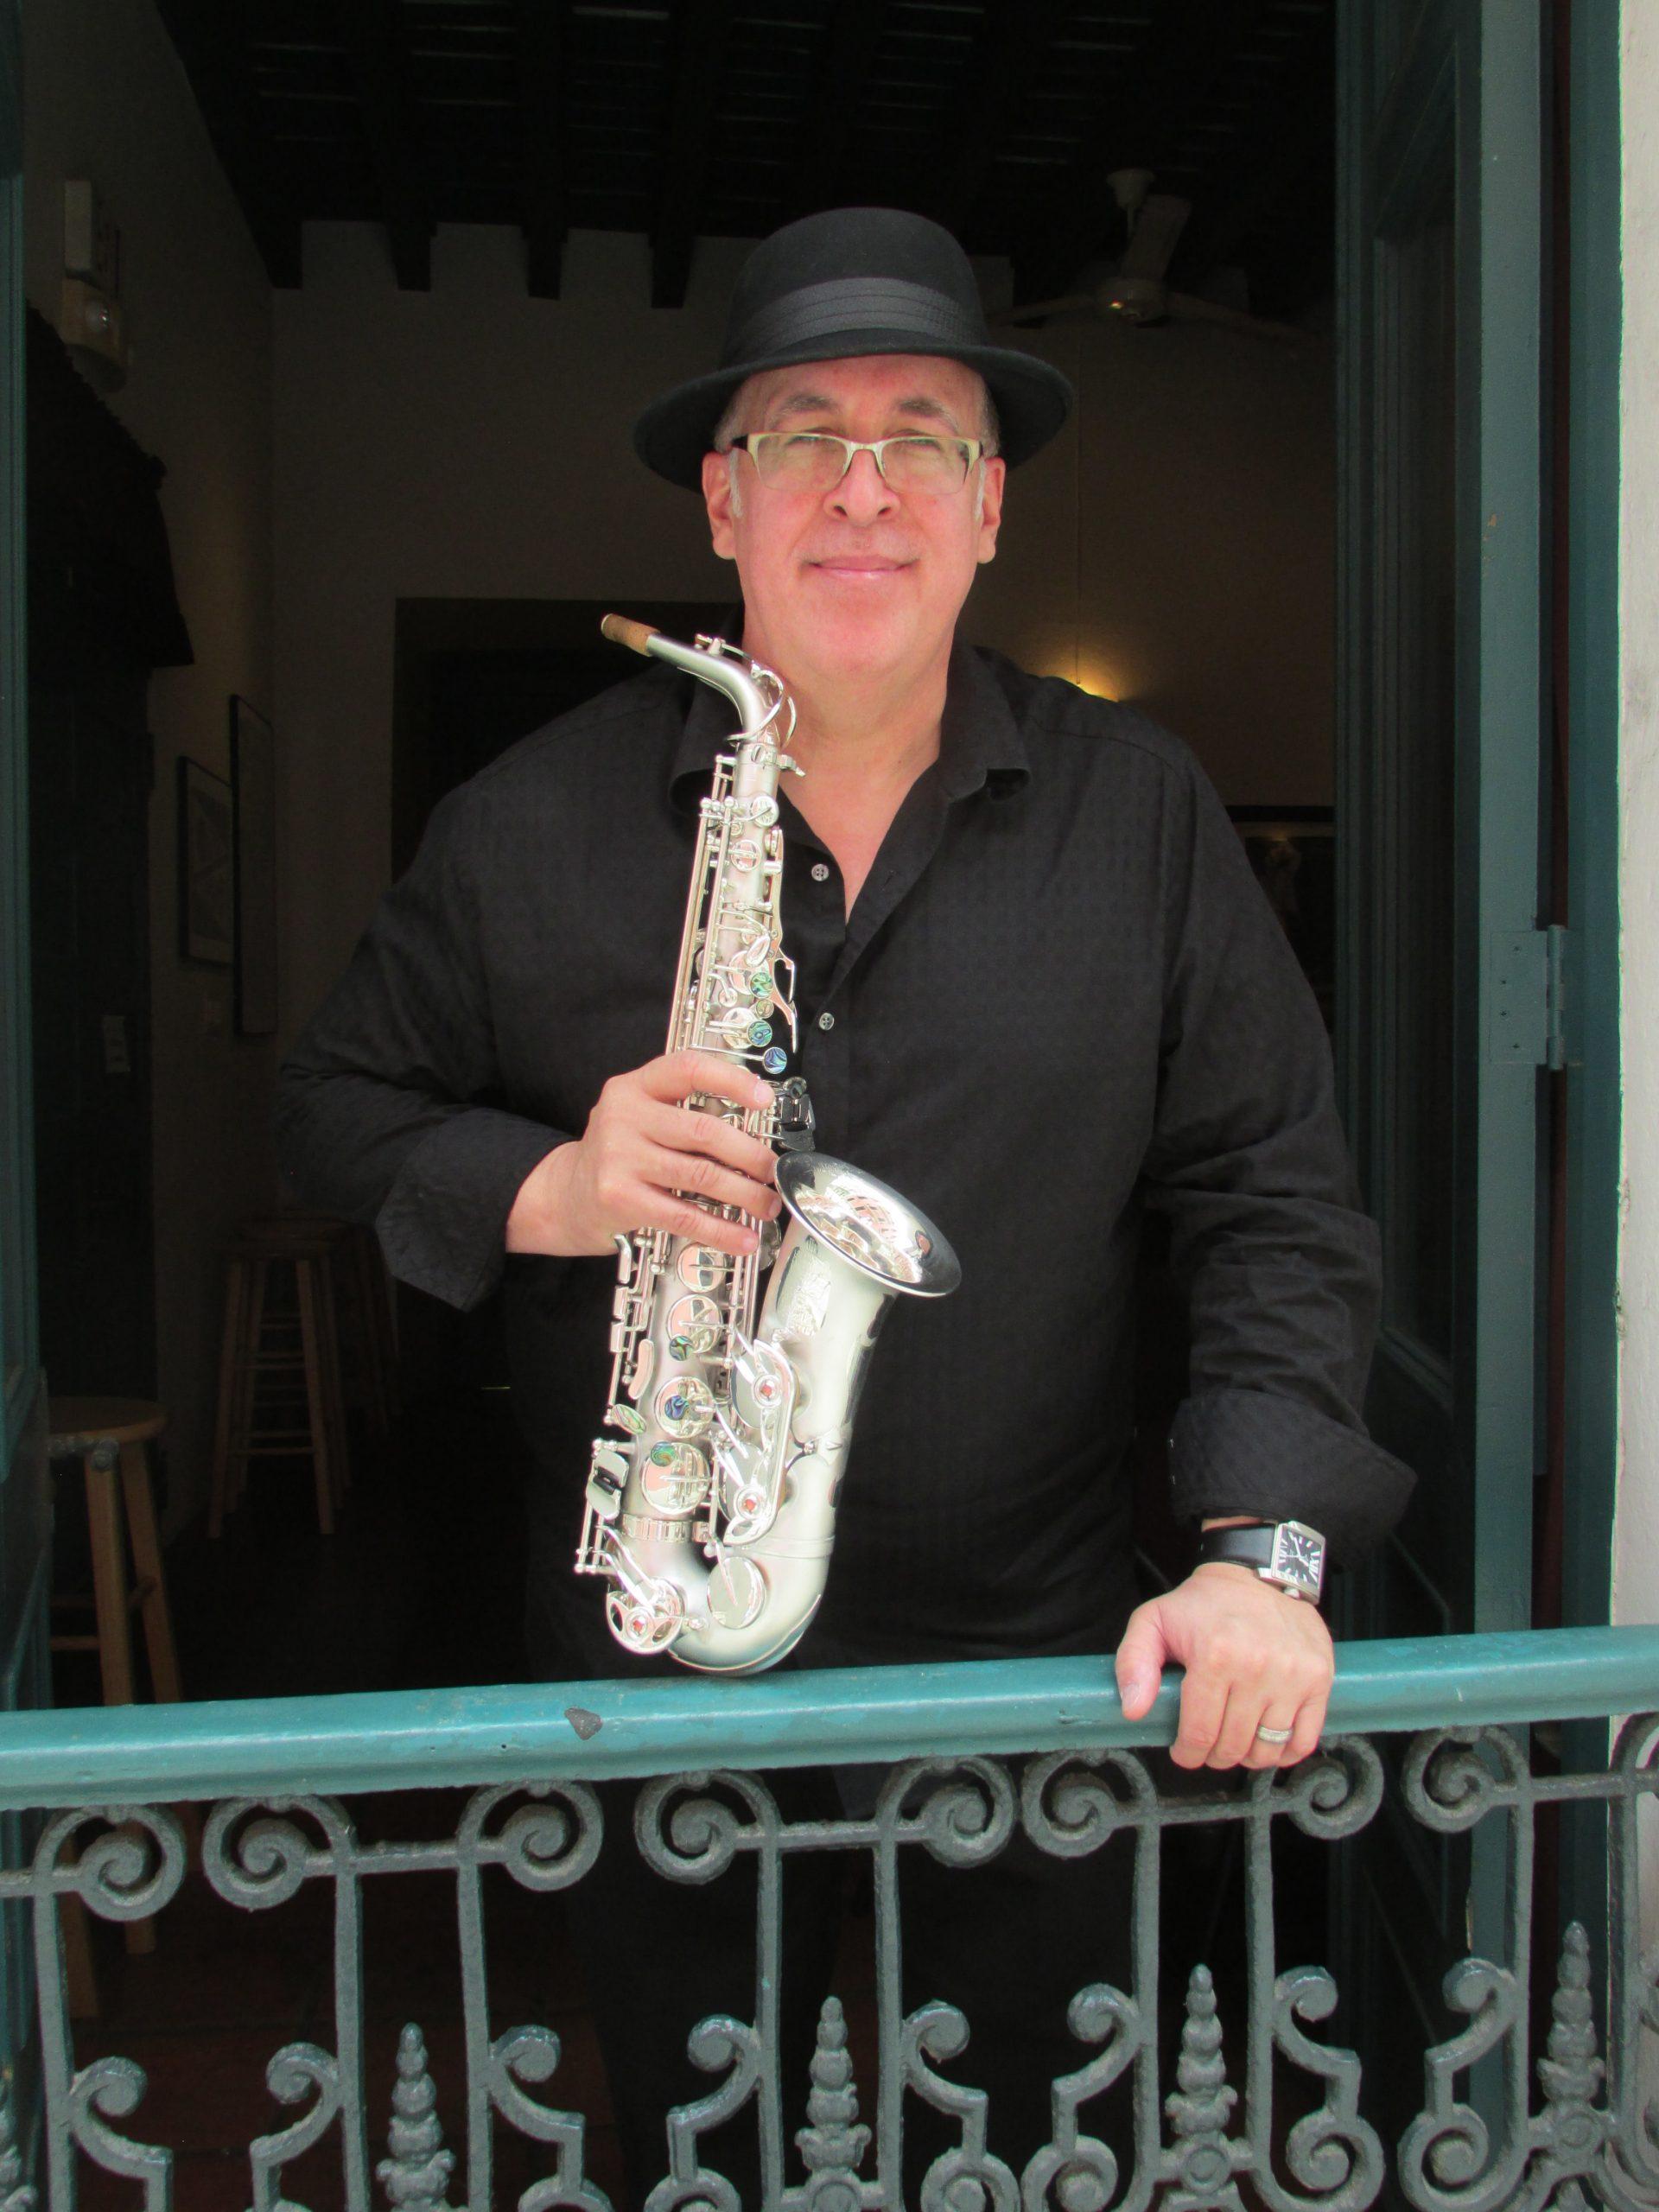 El saxofonista (Foto Javier Santiago / Fundación Nacional para la Cultura Popular)